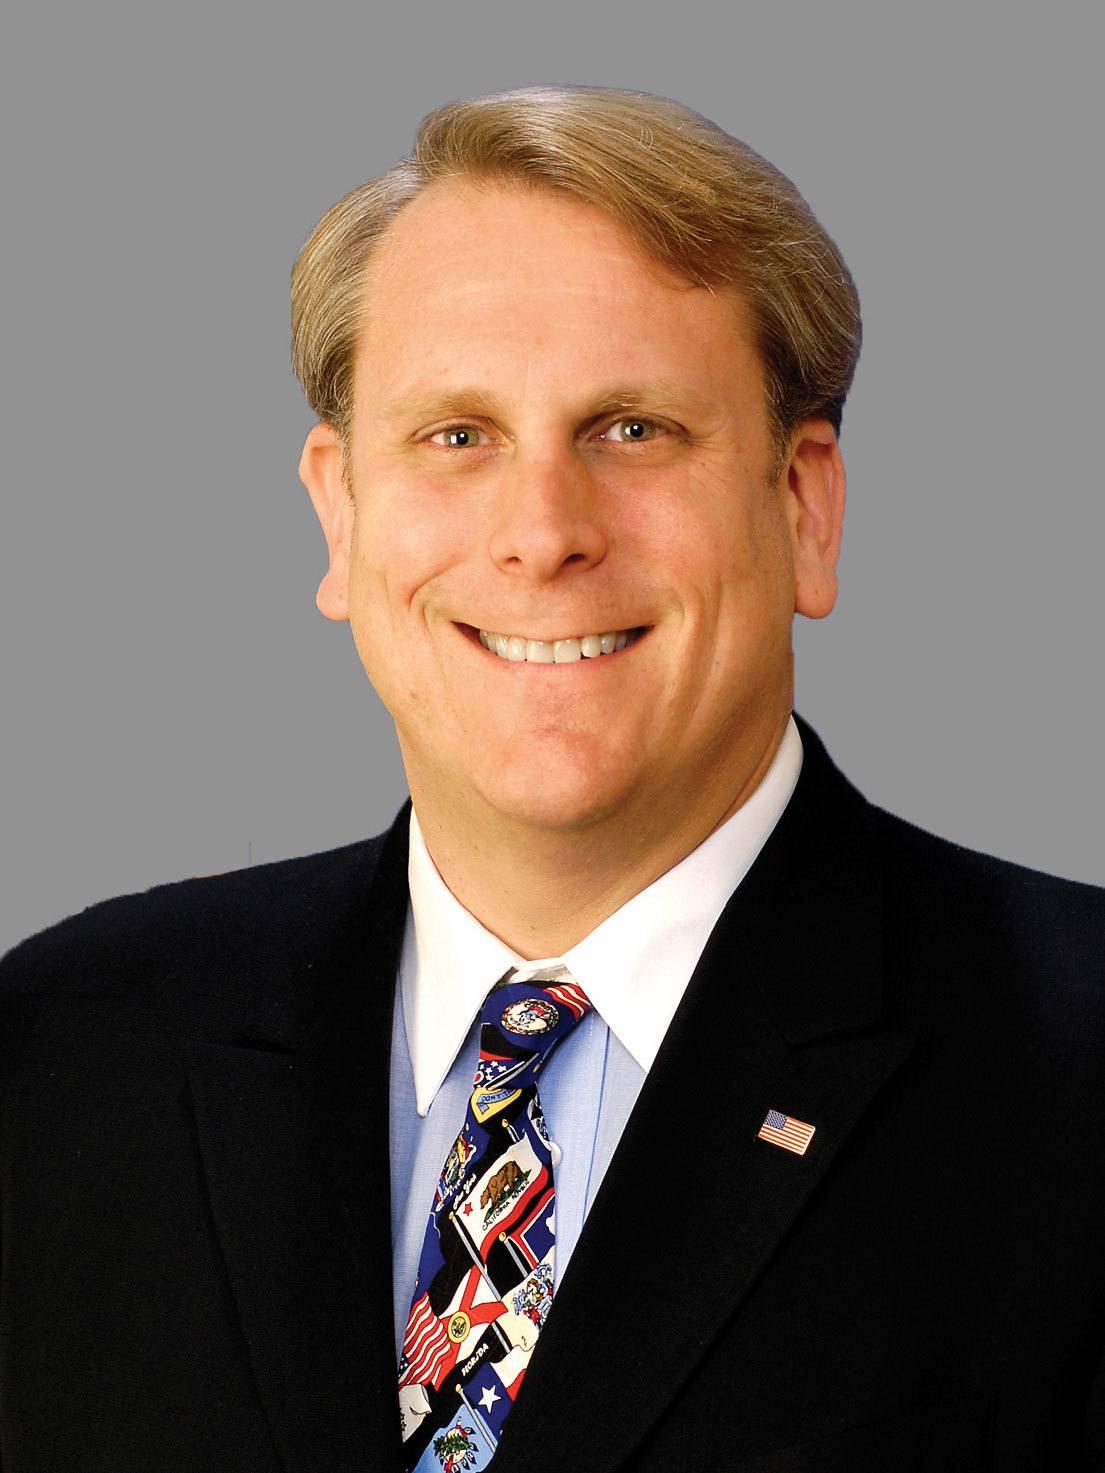 Scott J Svonkin